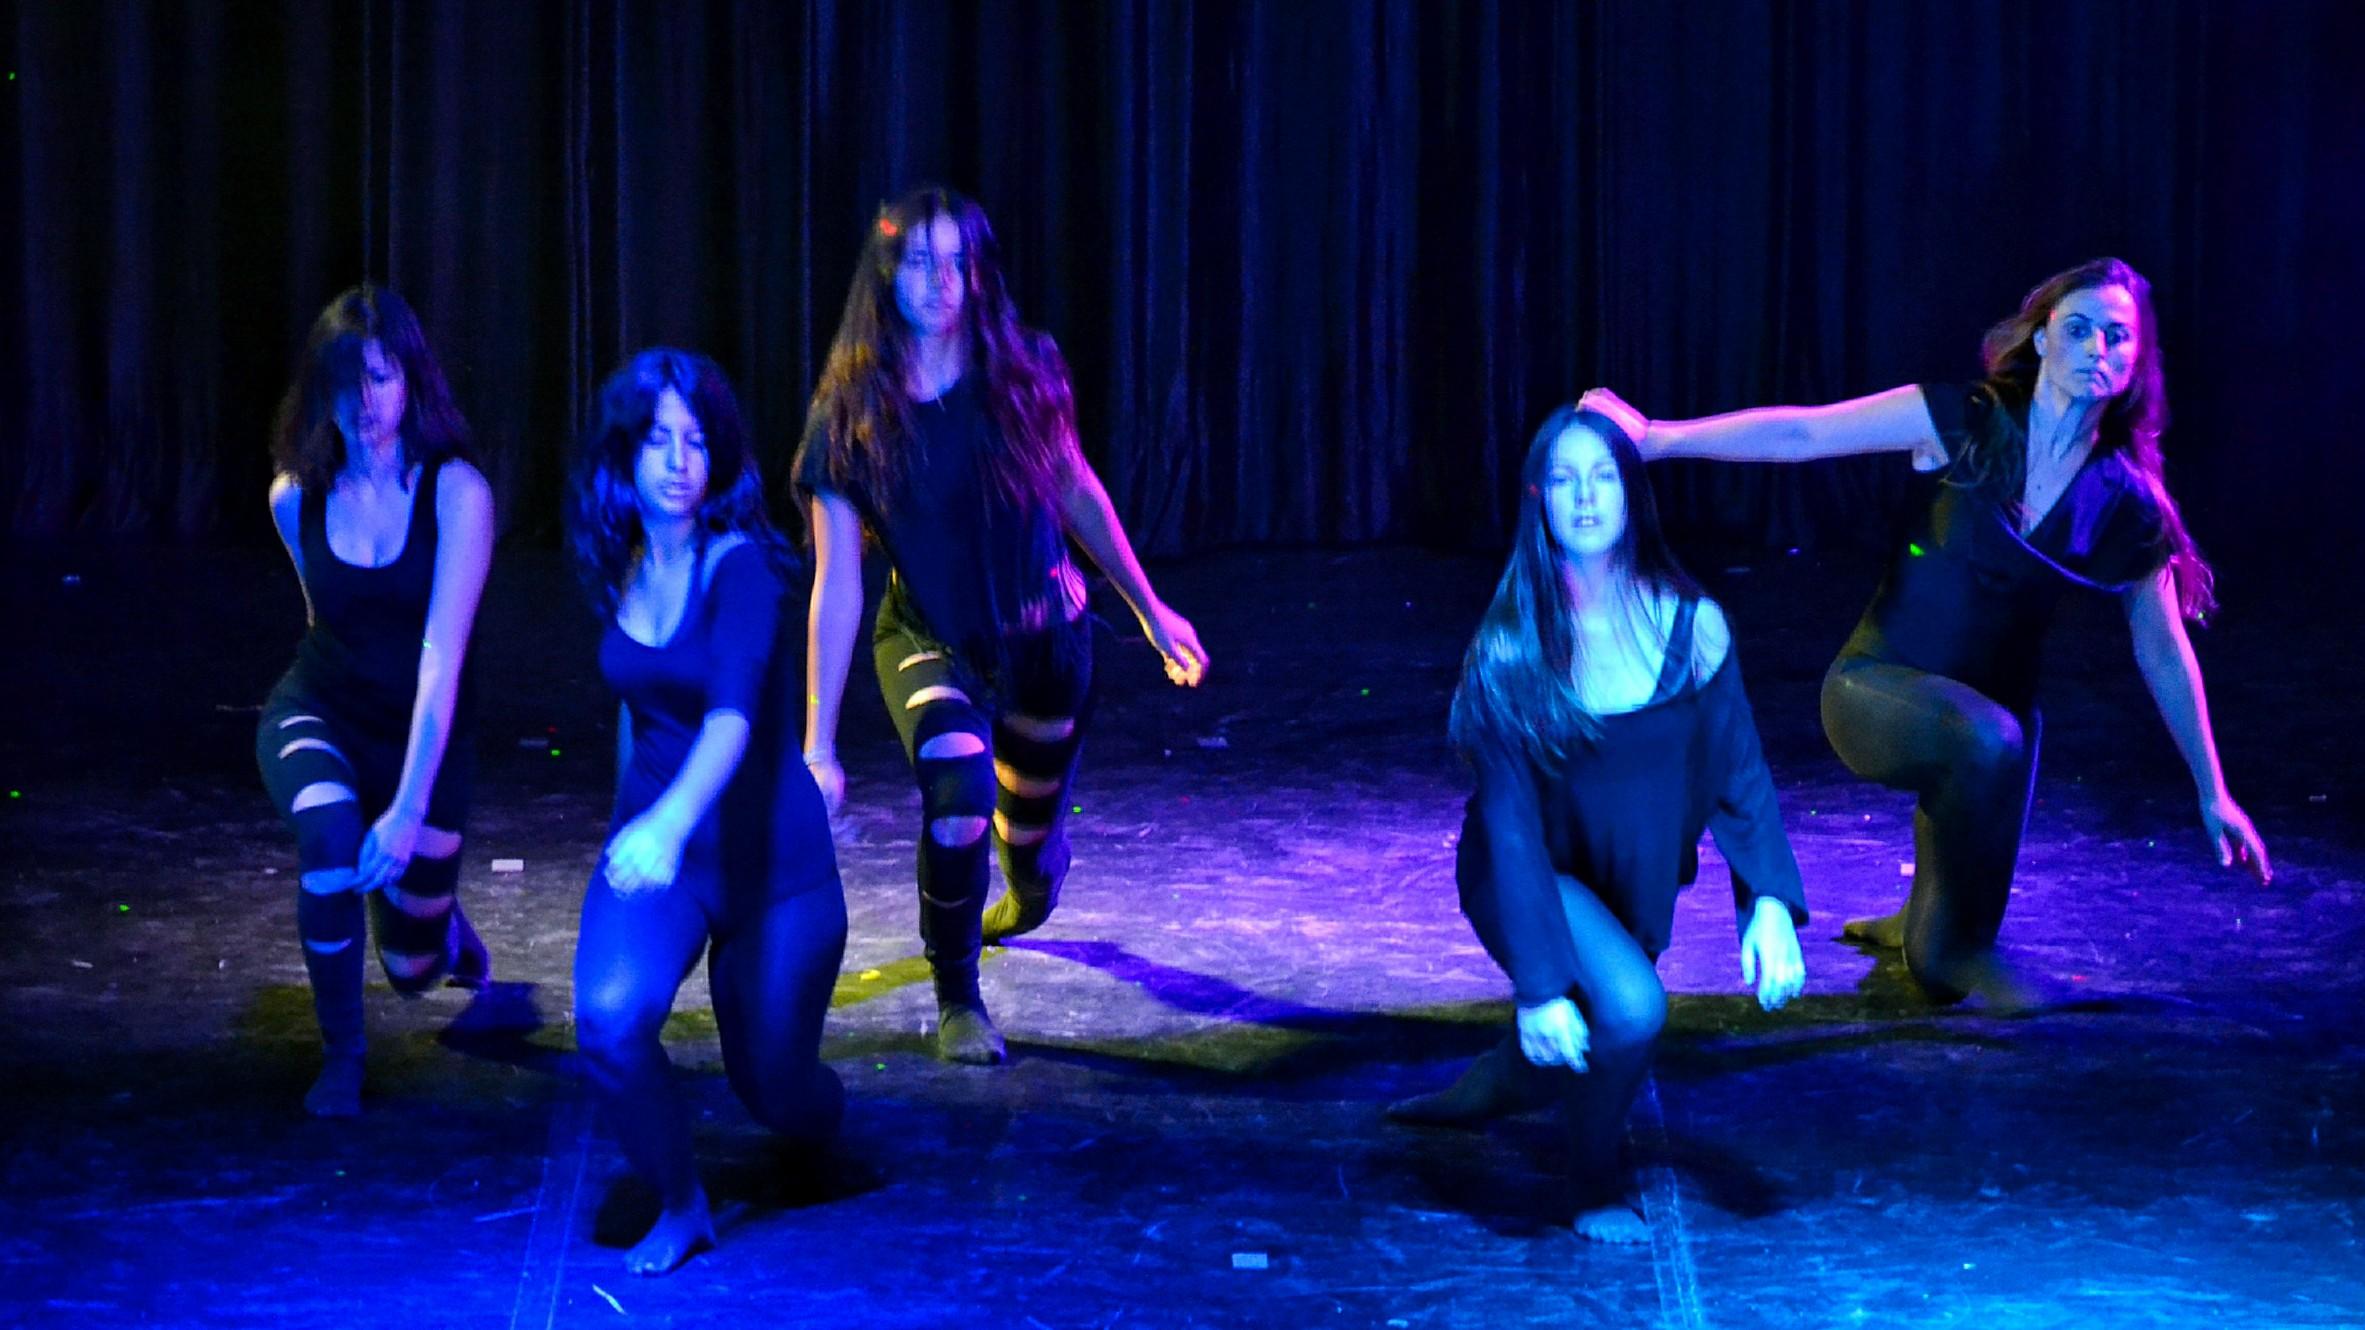 Linea-de-Baile-festival-verano-2015-clases-de-baile-valencia-75